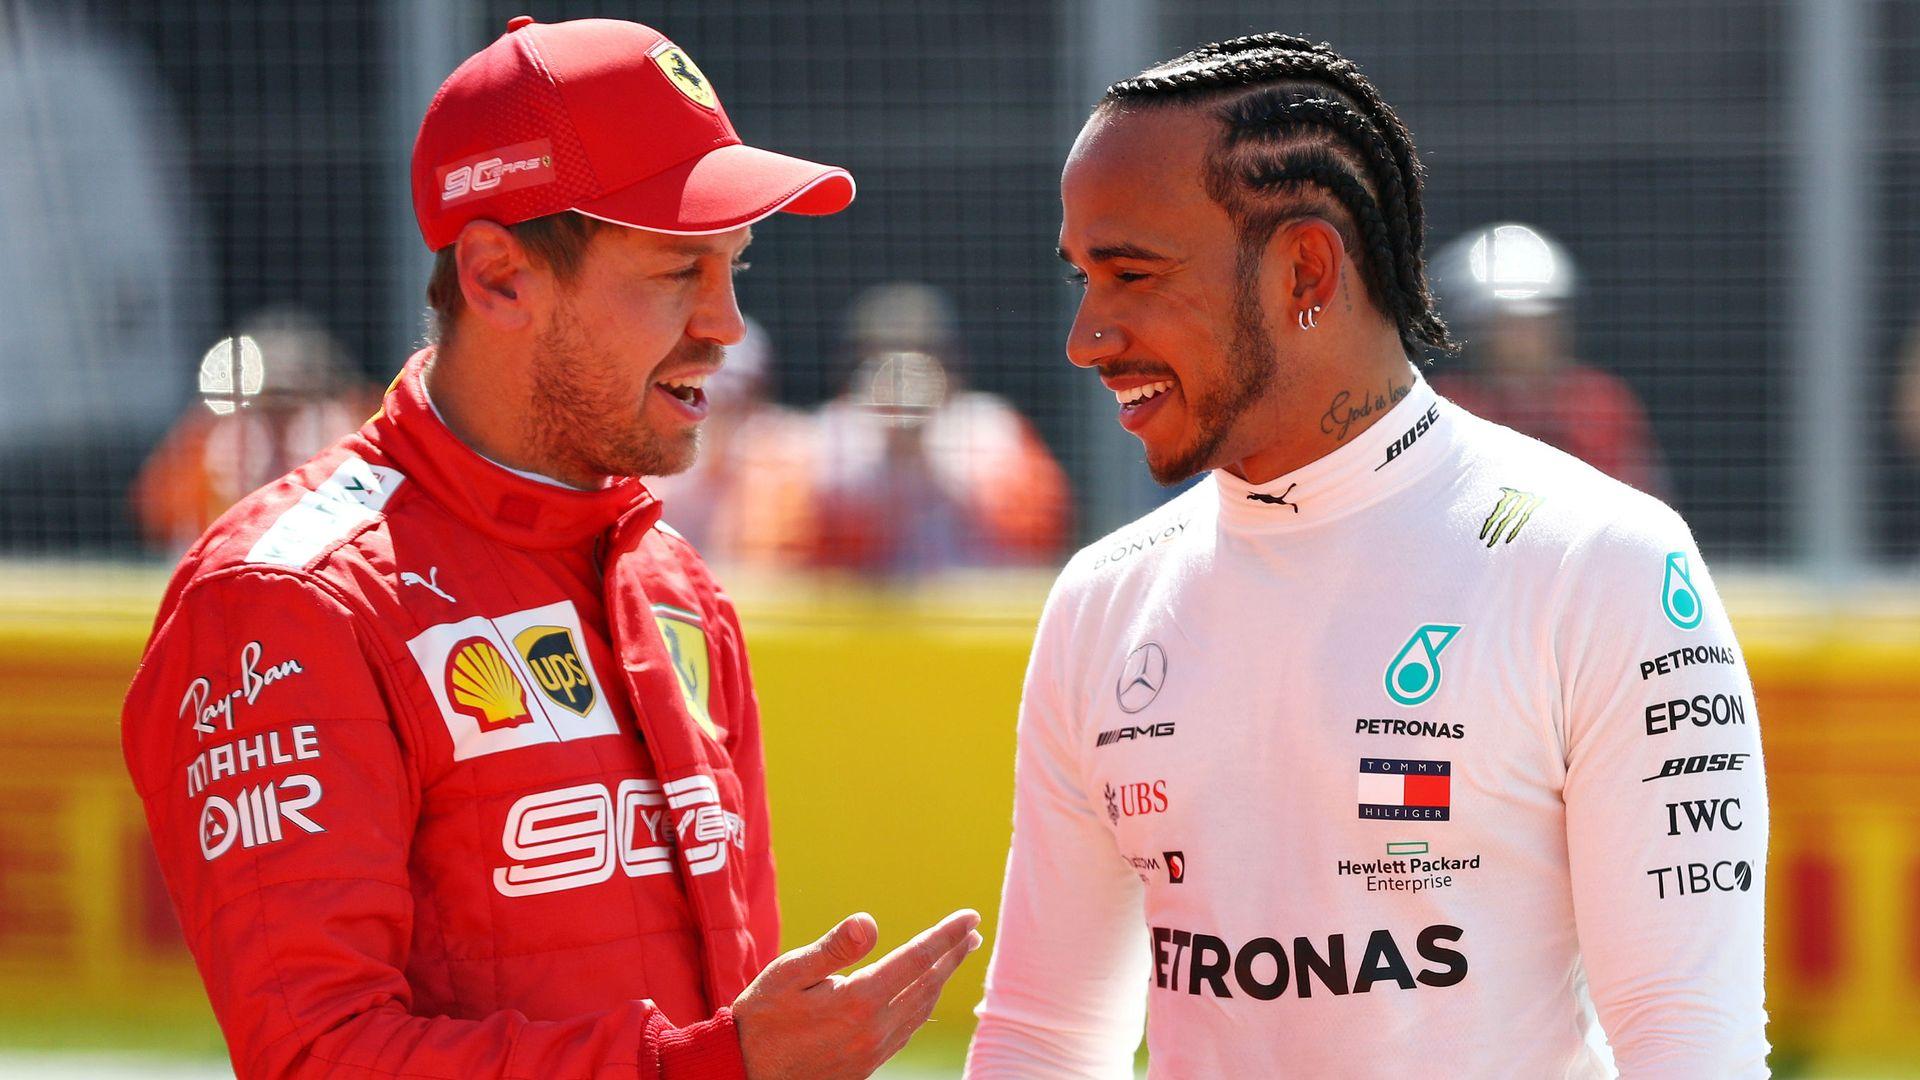 Wolff: Mercedes door not shut for Vettel